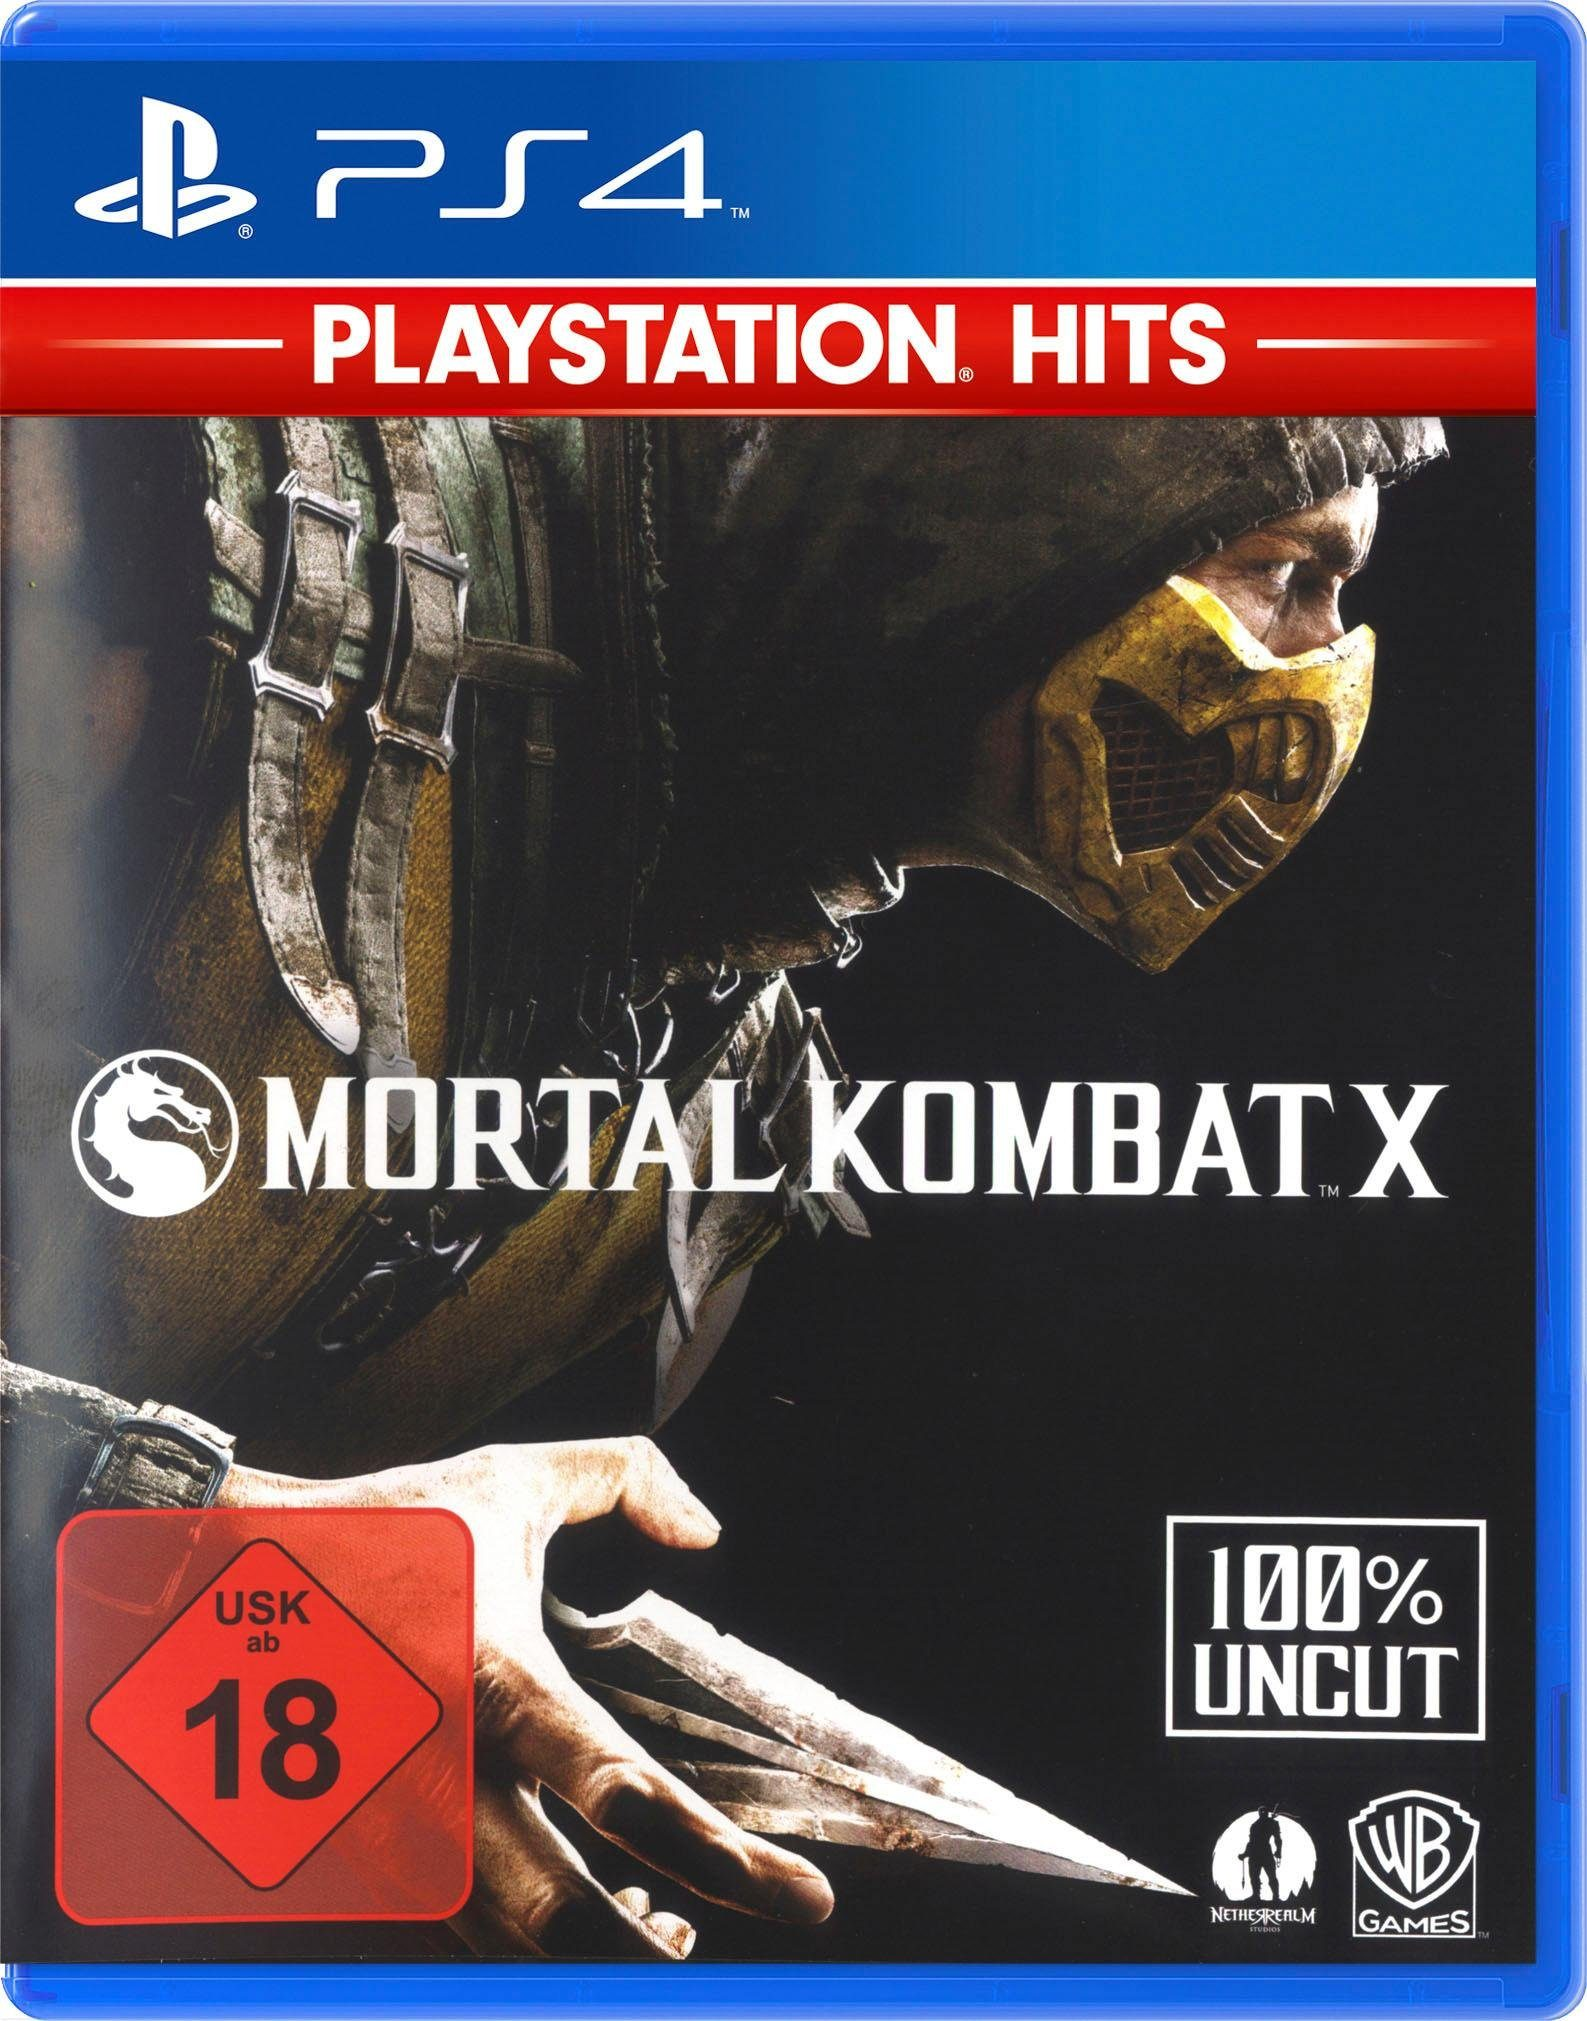 Mortal Kombat X PlayStation 4, Software Pyramide